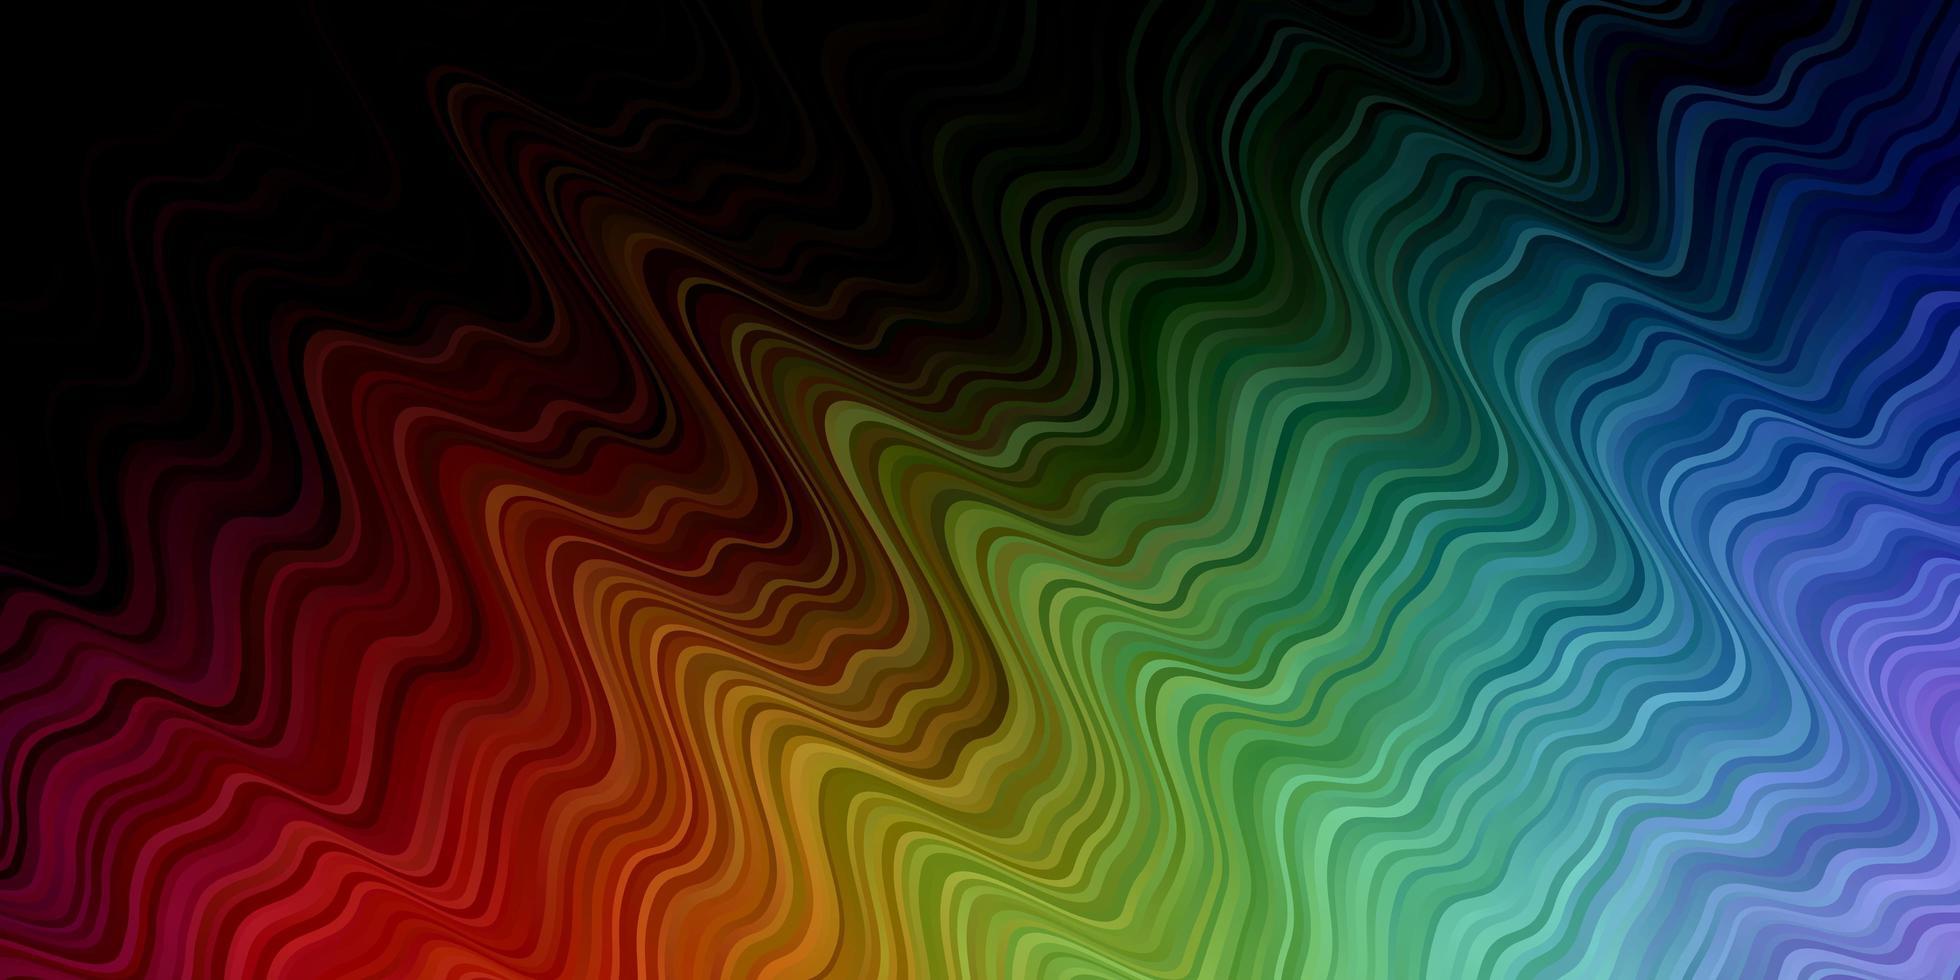 donkere veelkleurige vector sjabloon met wrange lijnen.